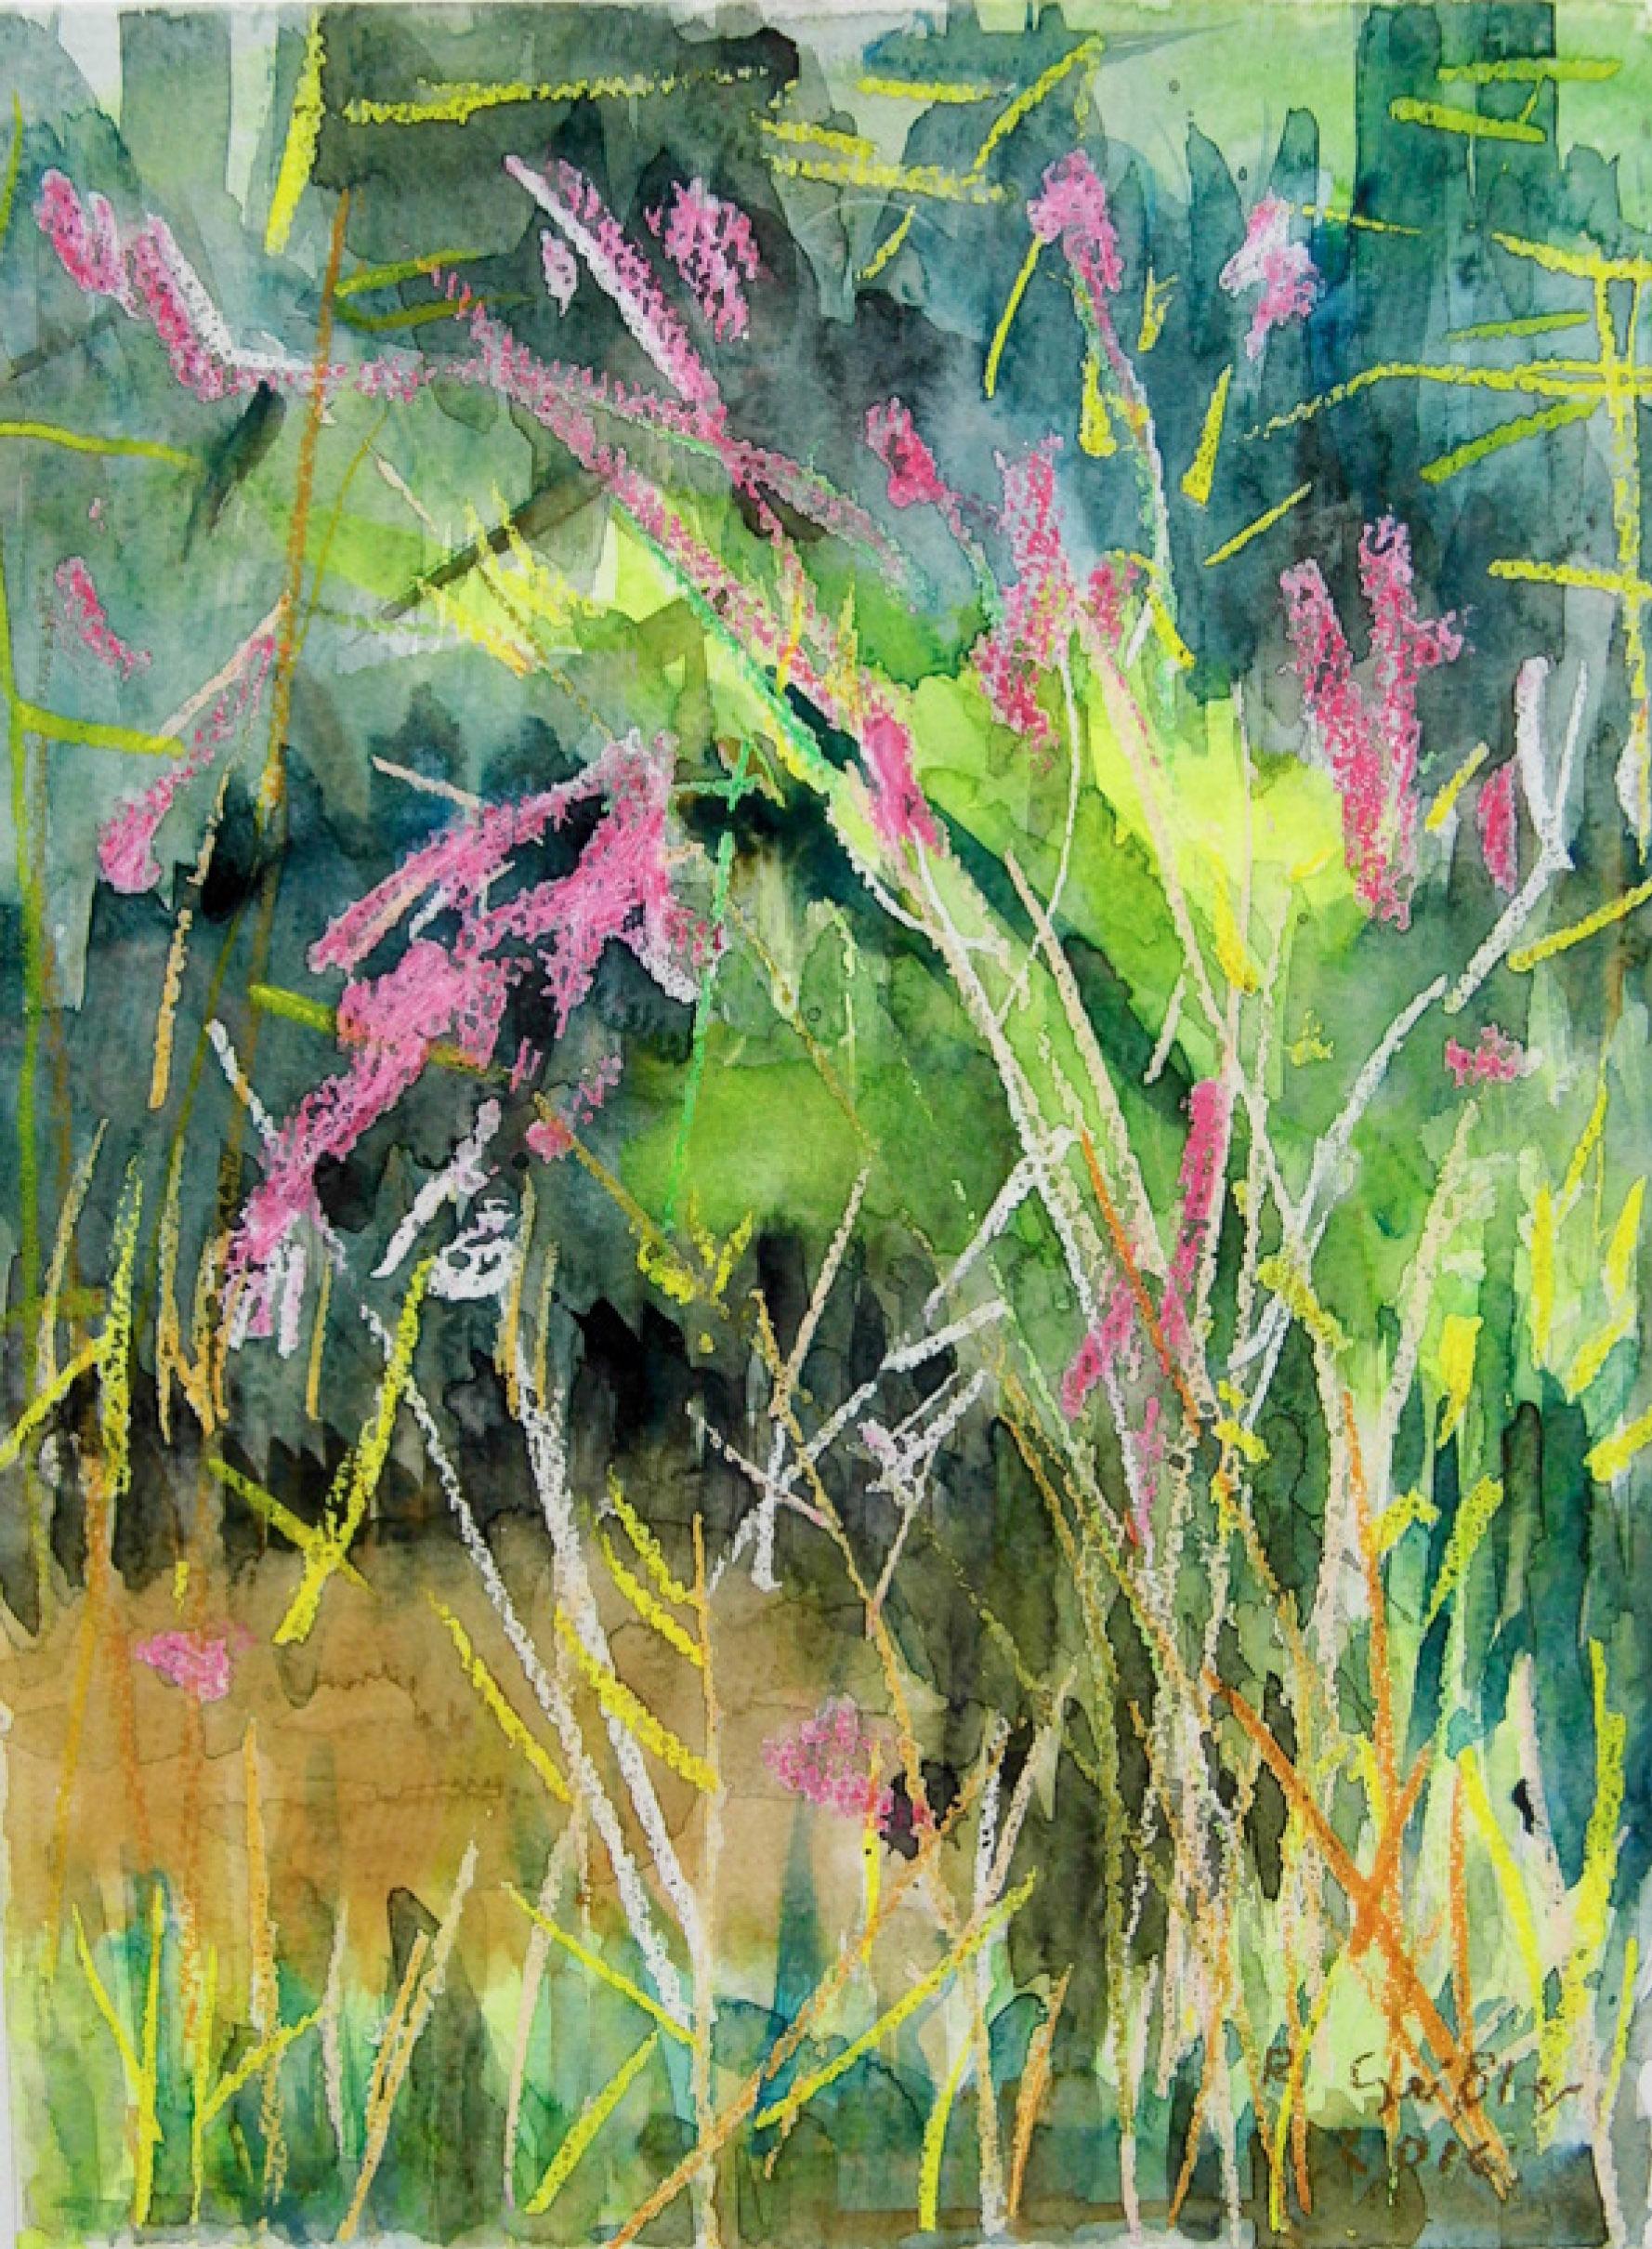 27 | Rita Geißler | In Franziskas Garten | 2016 | Aquarell/Ölpastell | 40 x 30 cm | Kunstlotterie